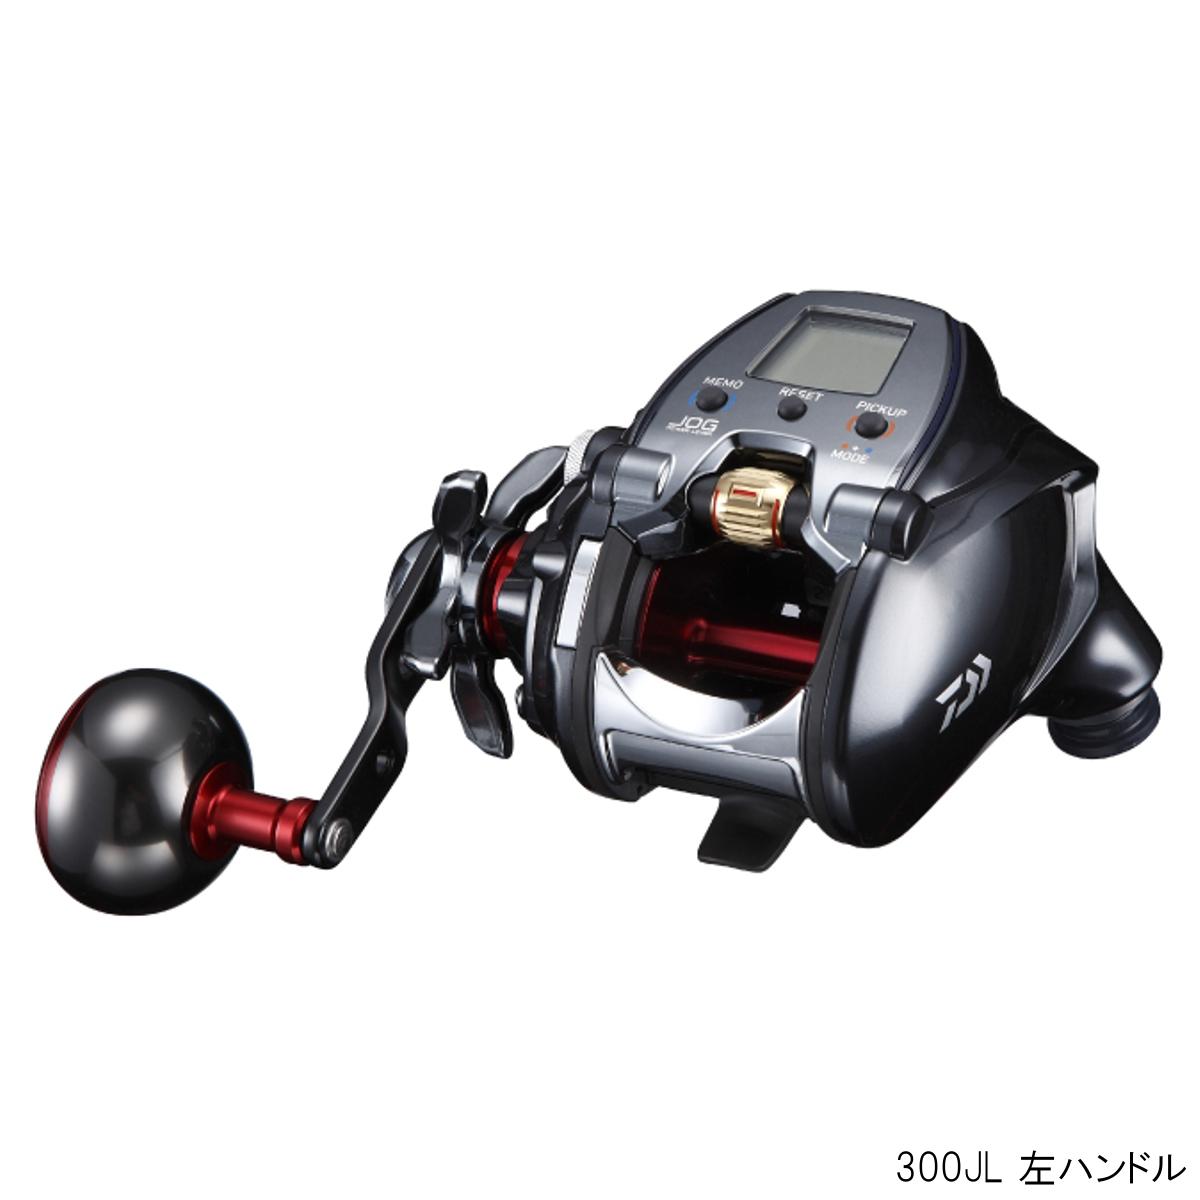 ダイワ シーボーグ 300JL 左ハンドル【送料無料】